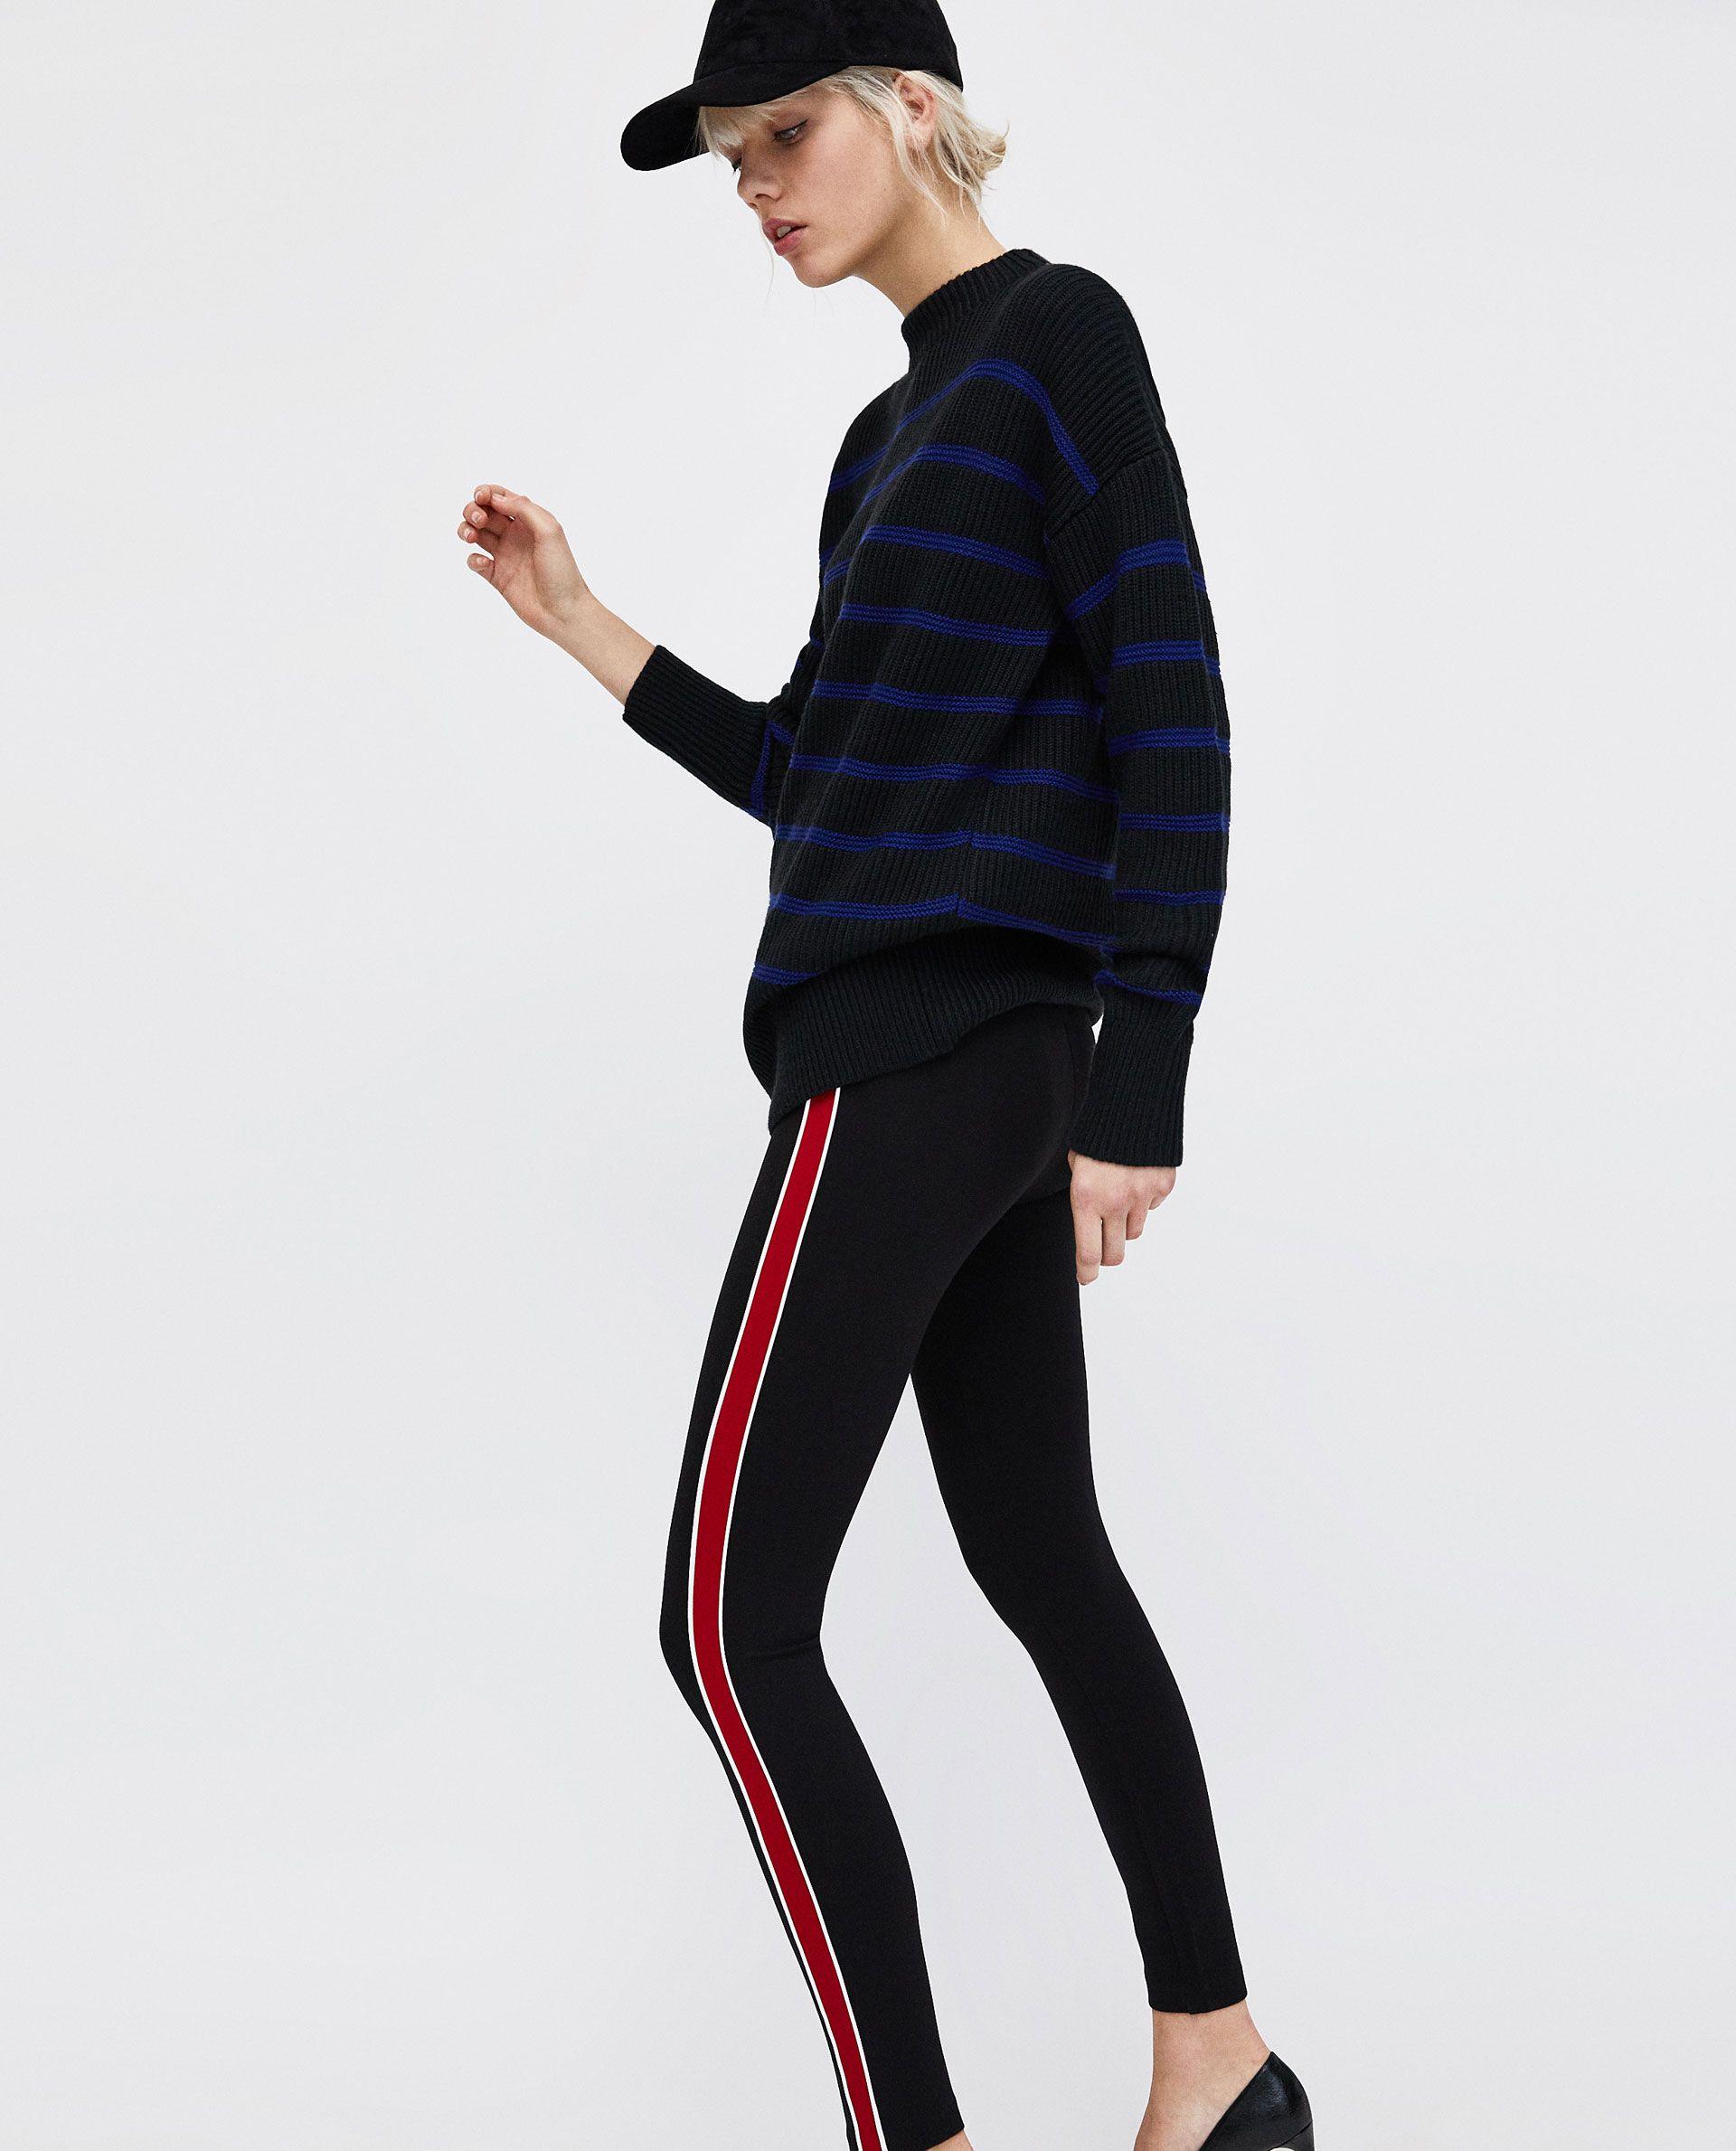 9f684eb5 LEGGING BANDA LATERAL CON VIVOS | London | Zara outfit, Zara ...